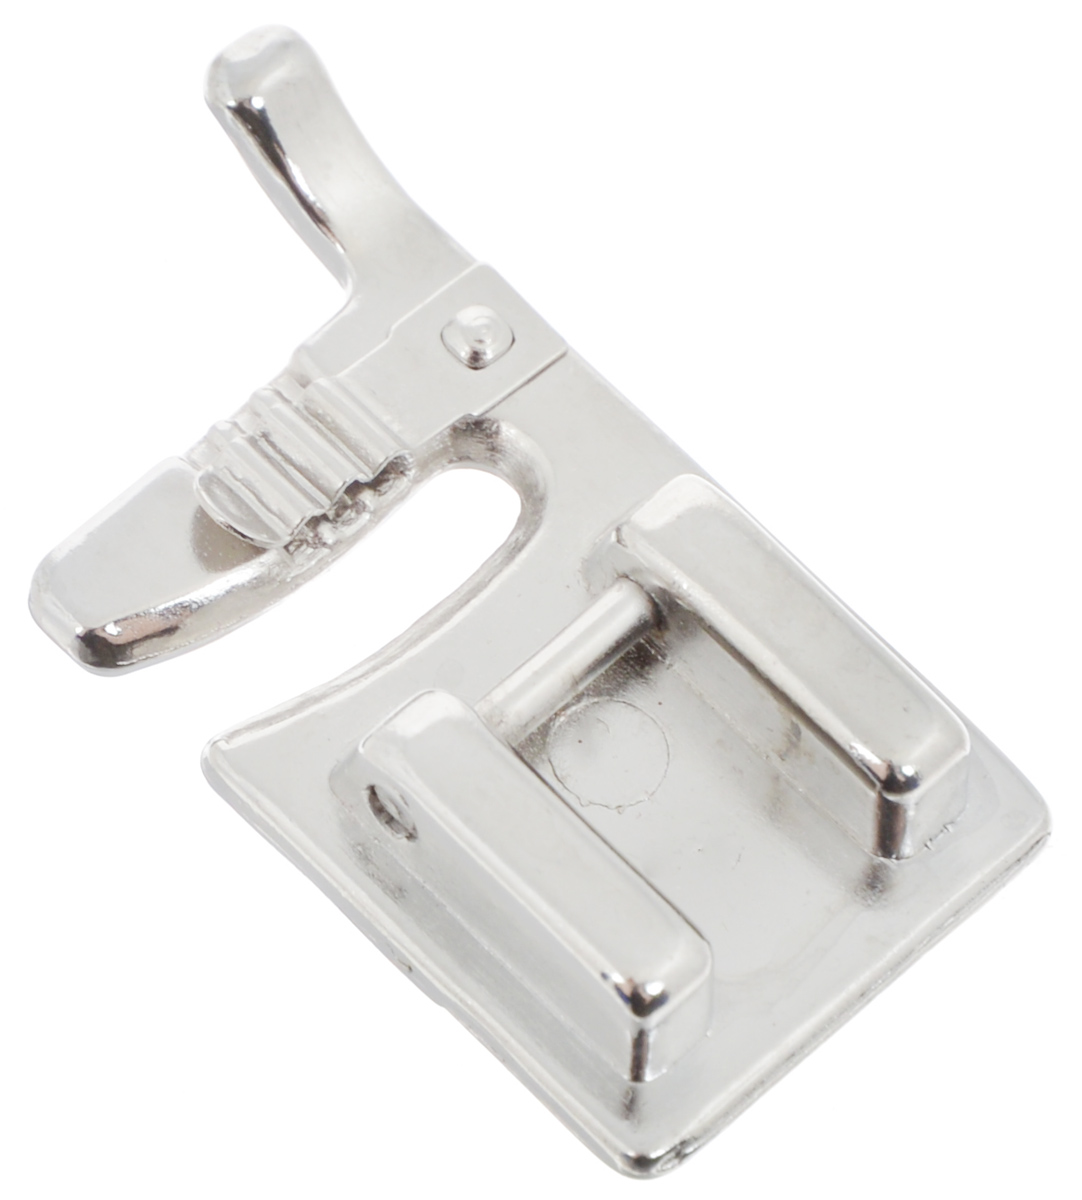 Лапка для швейной машины Aurora, для пришивания декоративных шнуровAU-106Лапка для швейной машины Aurora используется длявшивания декоративных шнуров, нитей. Подходит длябольшинства современных бытовых швейных машин.Инструкция по использованию прилагается.